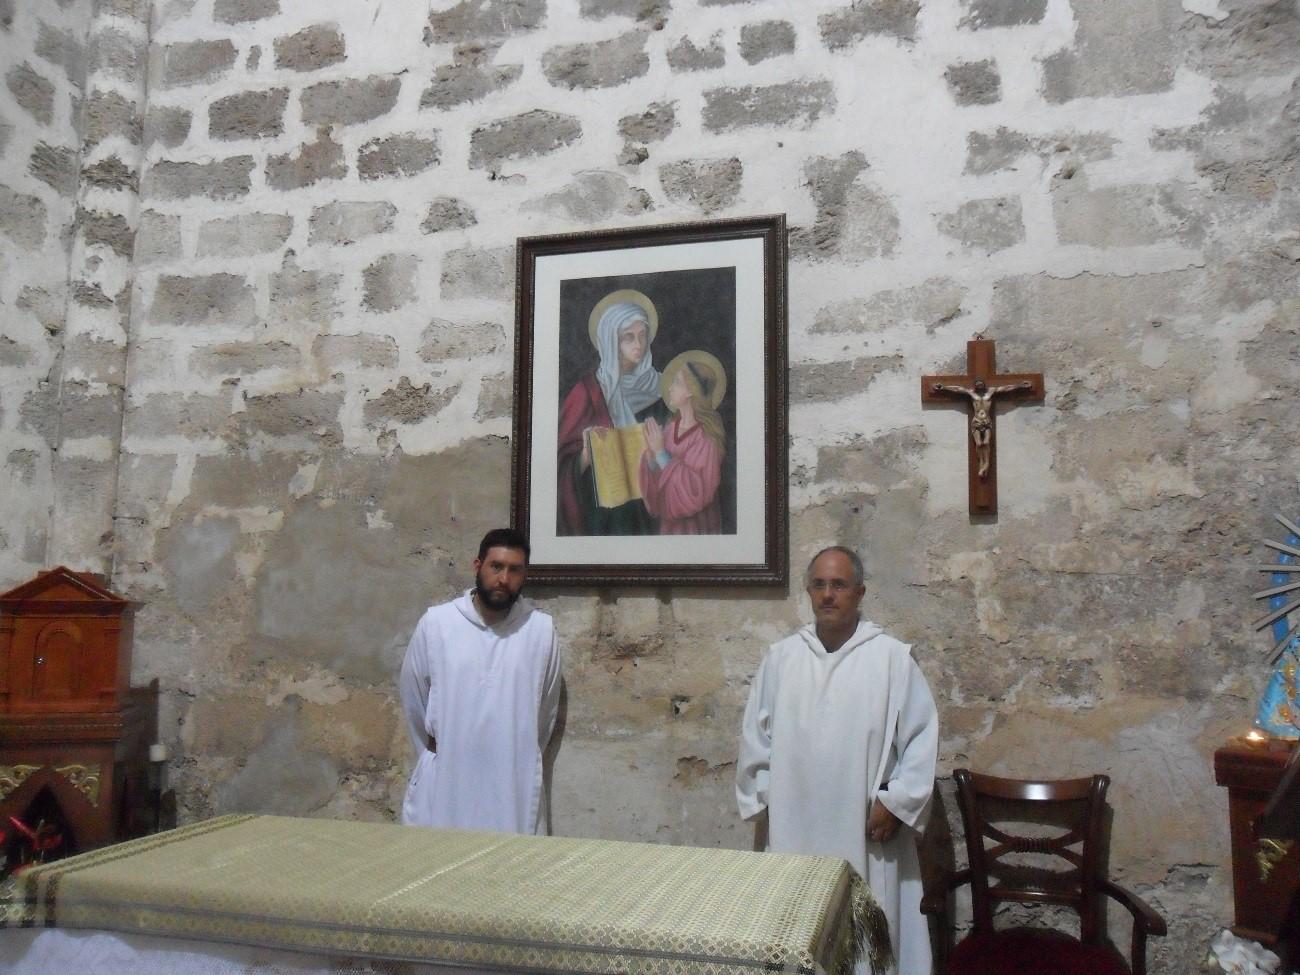 """Celebración de Santa Ana en el """"monasterio de la Sagrada Familia"""" en tierra santa, por monjes del Instituto del Verbo Encarnado - IVE"""